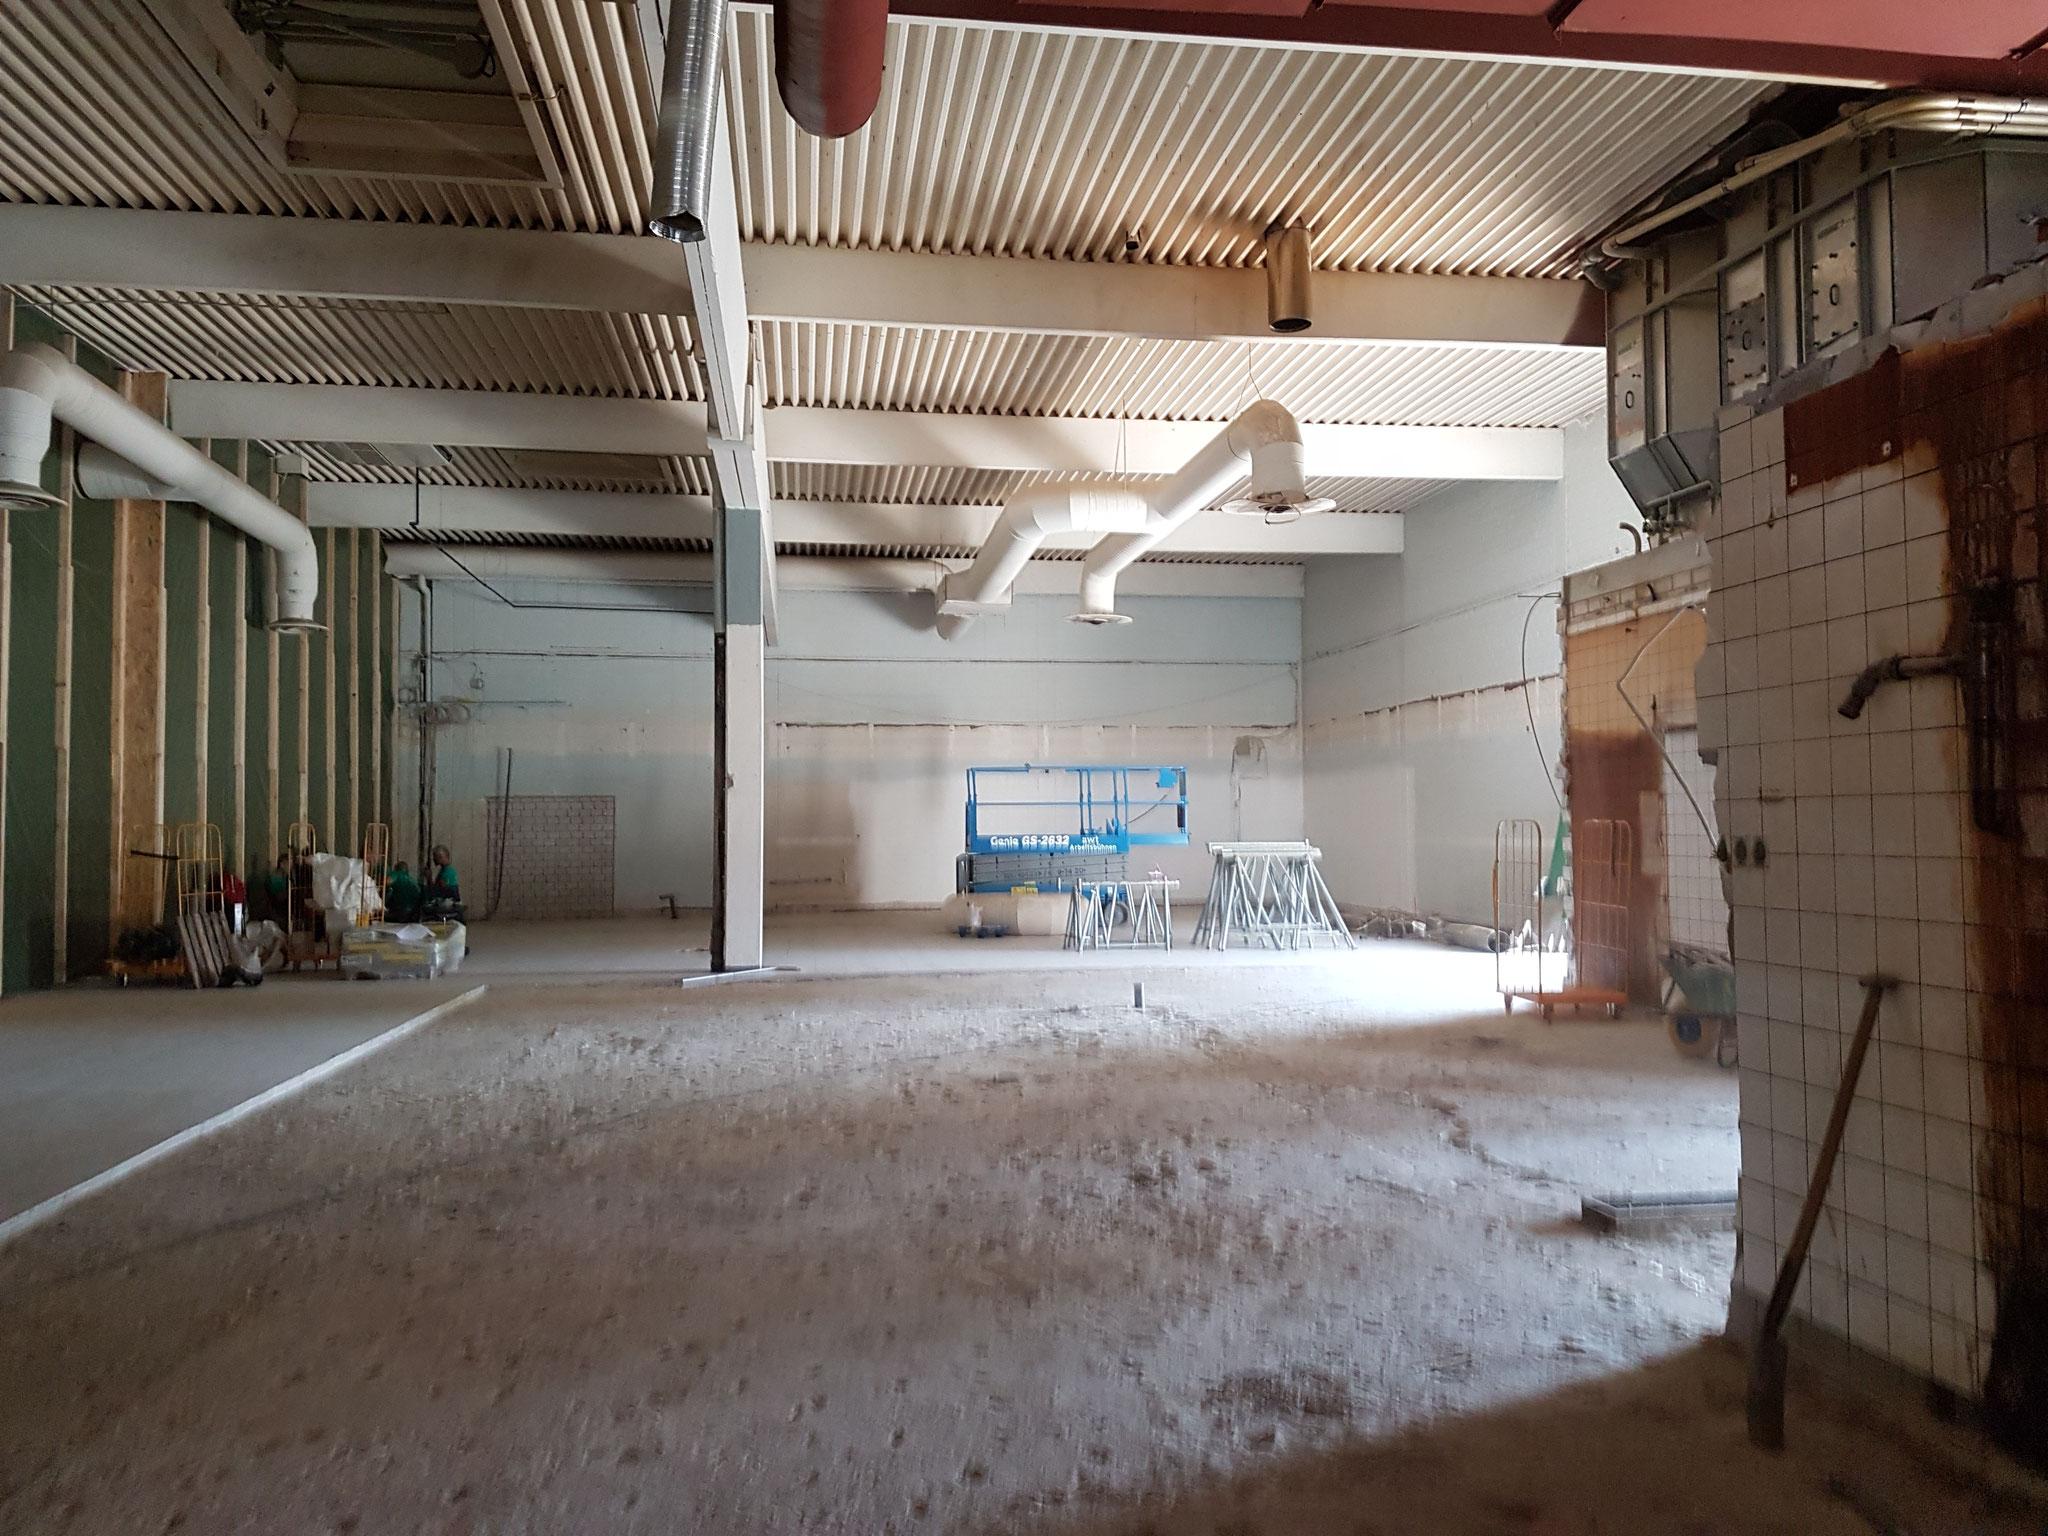 Umbauarbeiten, August - November 2017